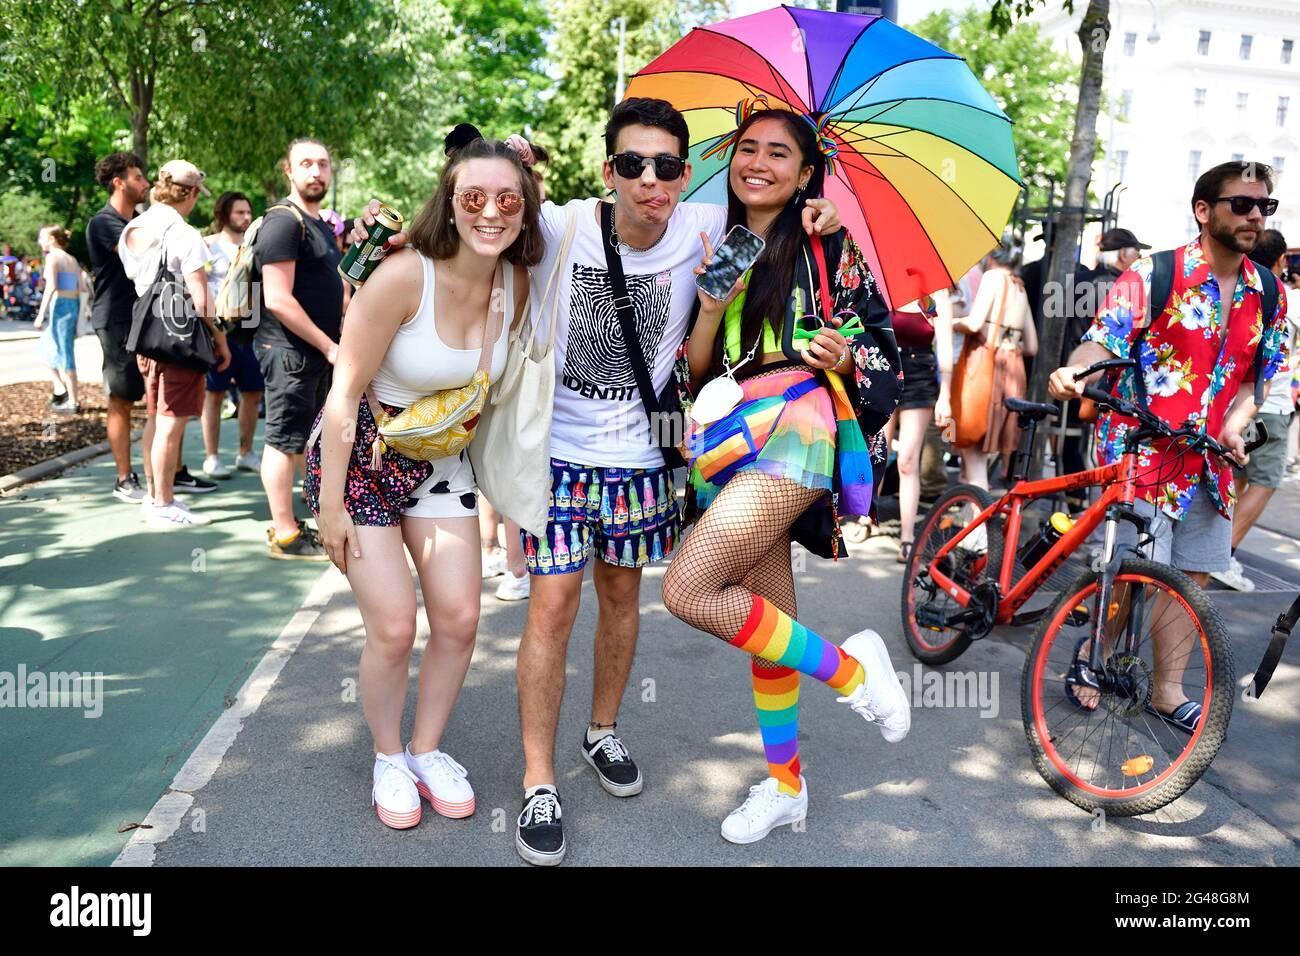 Viena, Austria. 19th de junio de 2021. Por 25th veces el desfile del arco iris (Orgullo de Viena) tendrá lugar en Ringstrasse de Viena. Este año, el desfile tendrá lugar sin vehículos, es decir, a pie, con una silla de ruedas o bicicleta, y por lo tanto está volviendo a sus raíces. Foto de stock